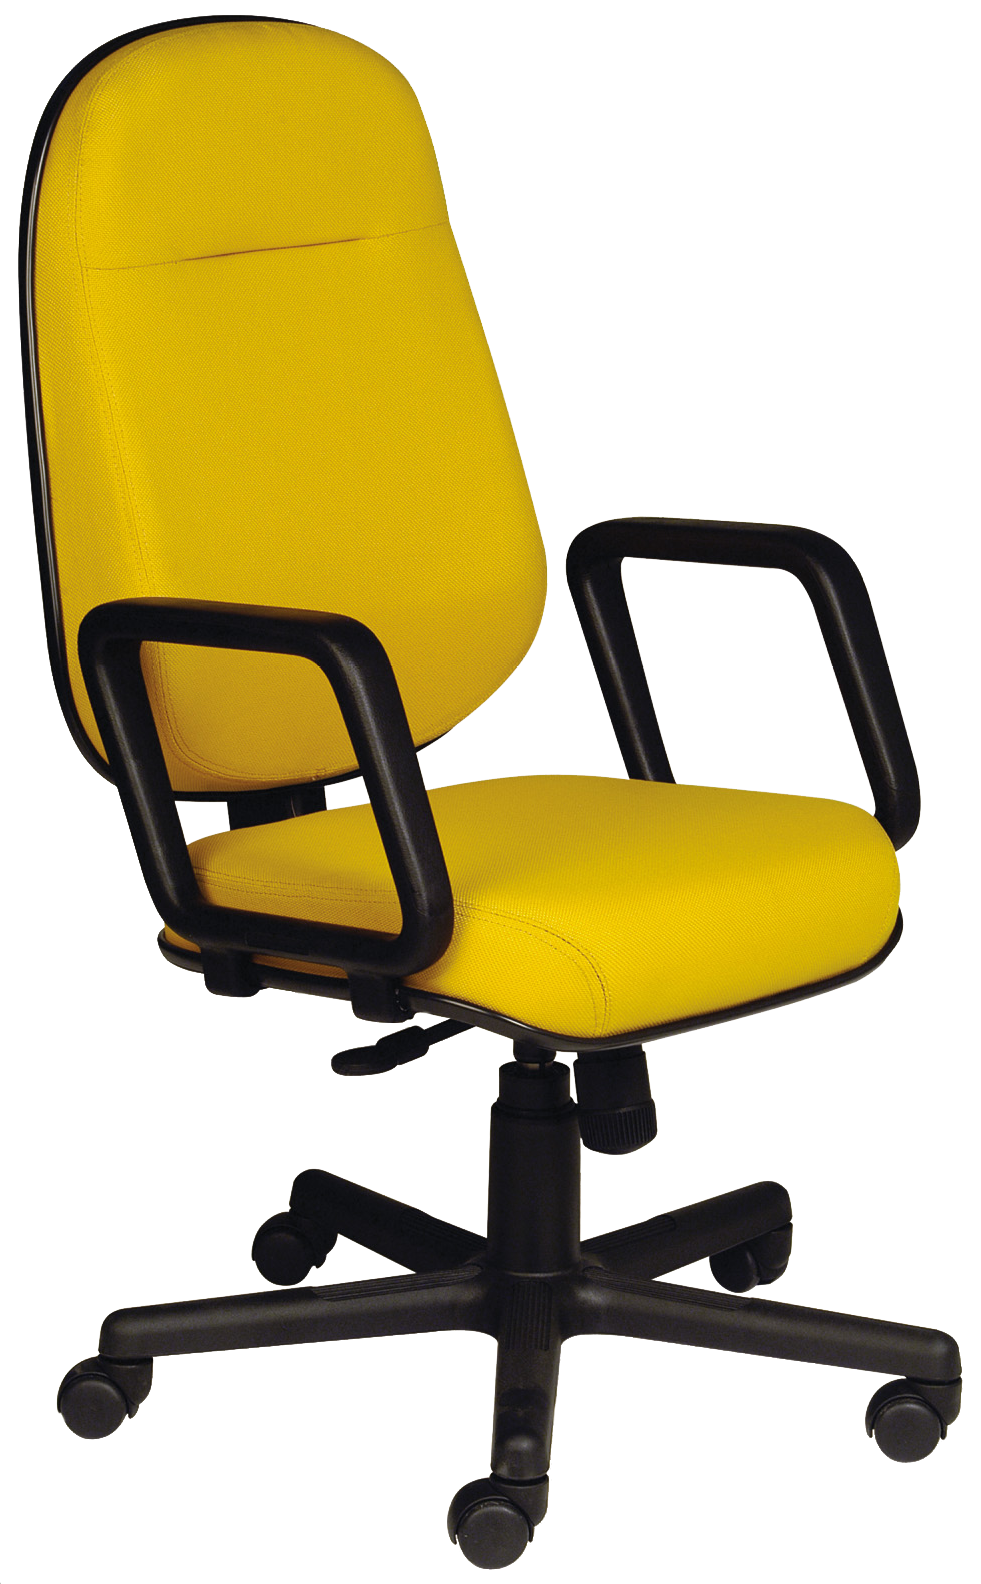 Poltrona para escritório modelo 8001-A